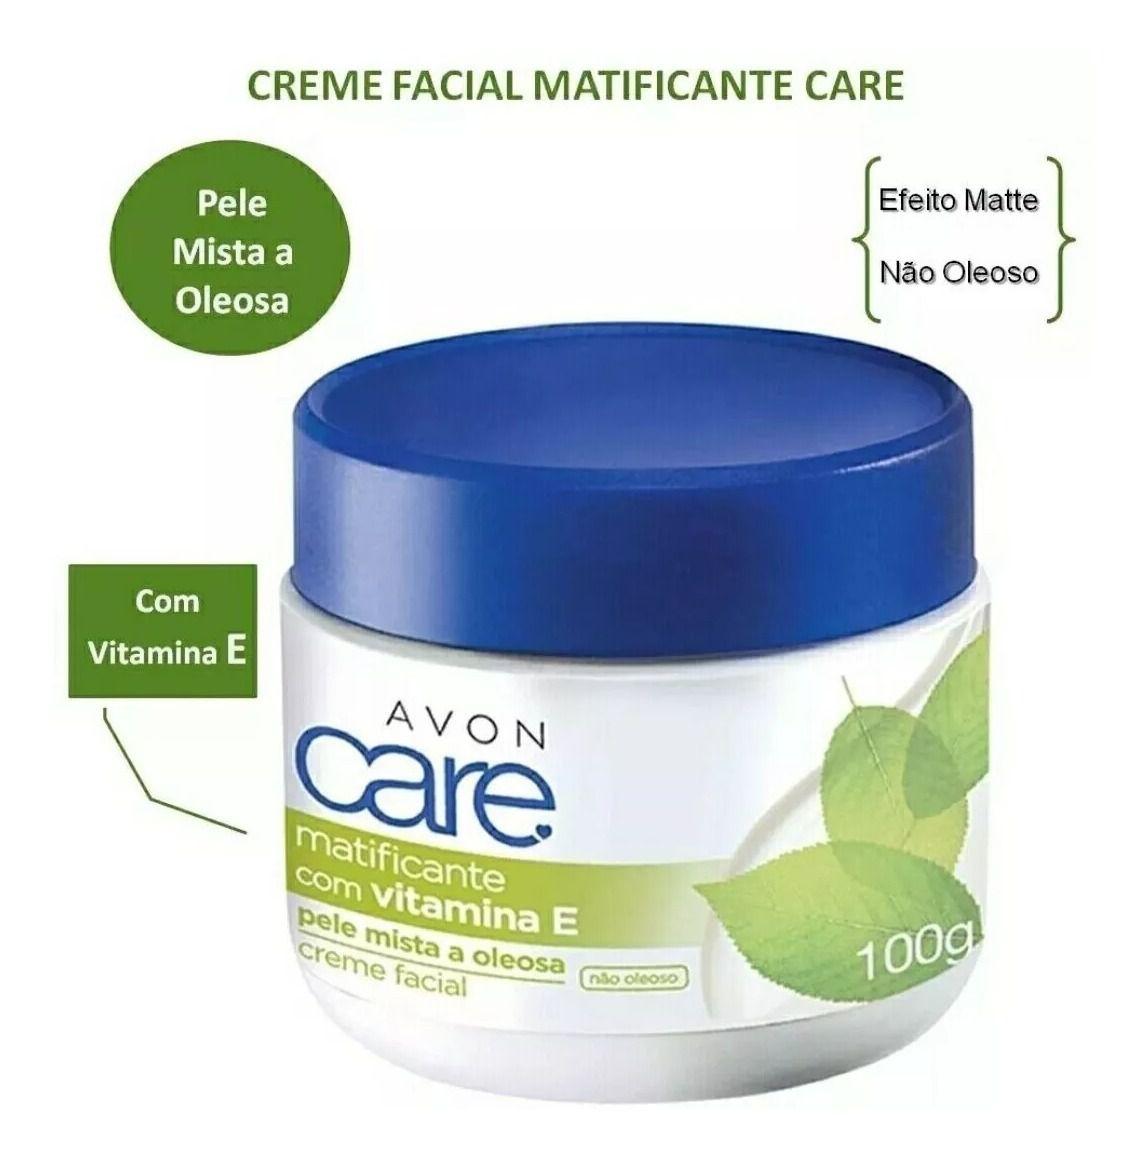 Creme Facial Avon Care Matificante Pele Mista e Oleosa 100g  - LUISA PERFUMARIA E COSMETICOS